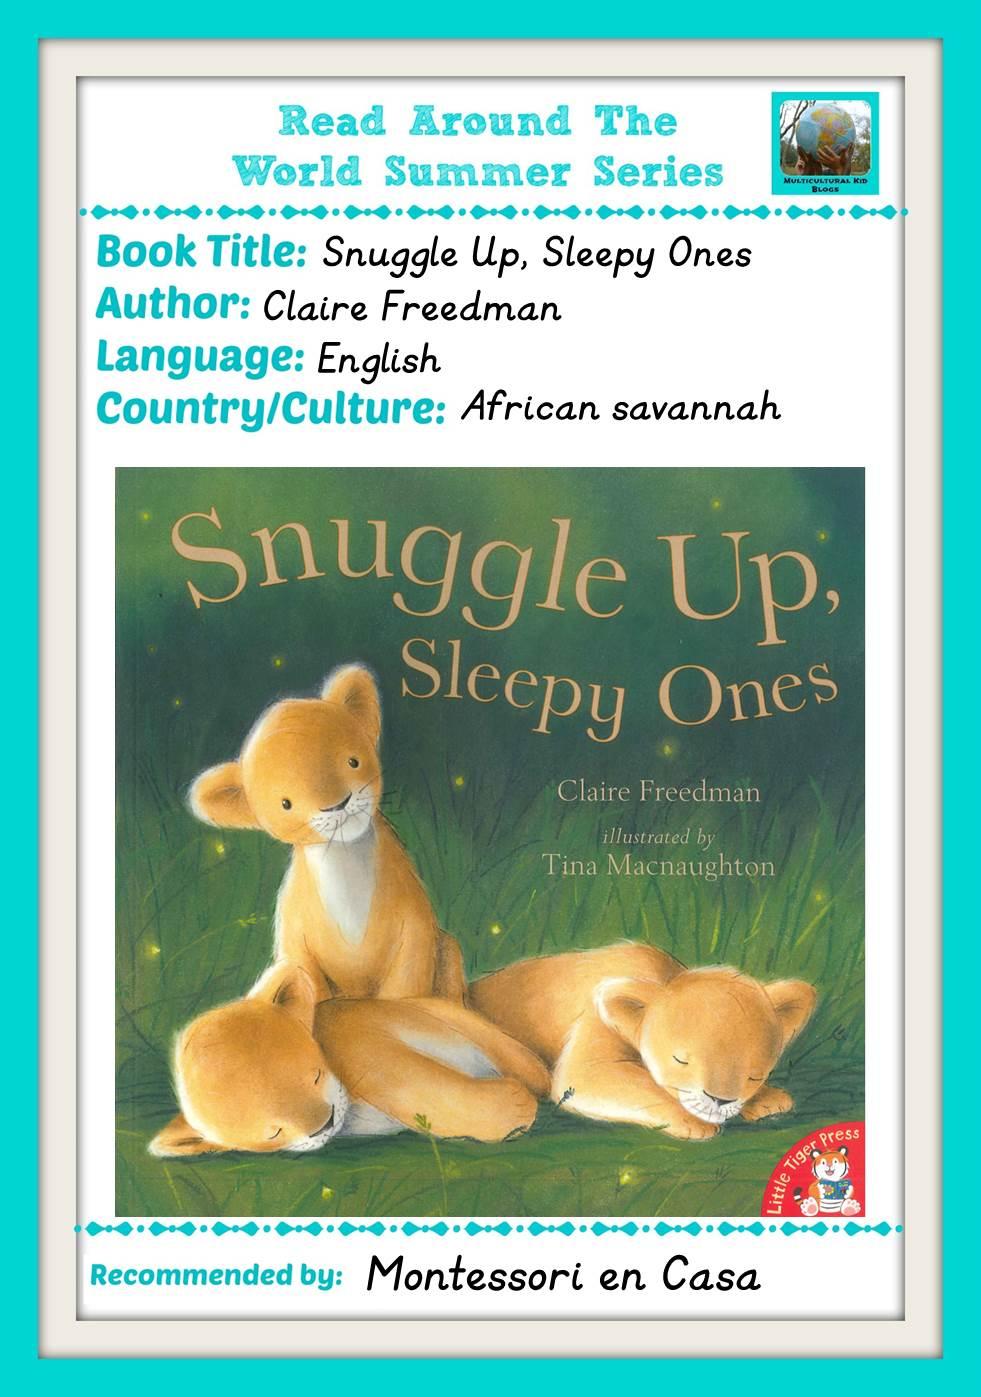 Read Snuggle up sleepy ones.